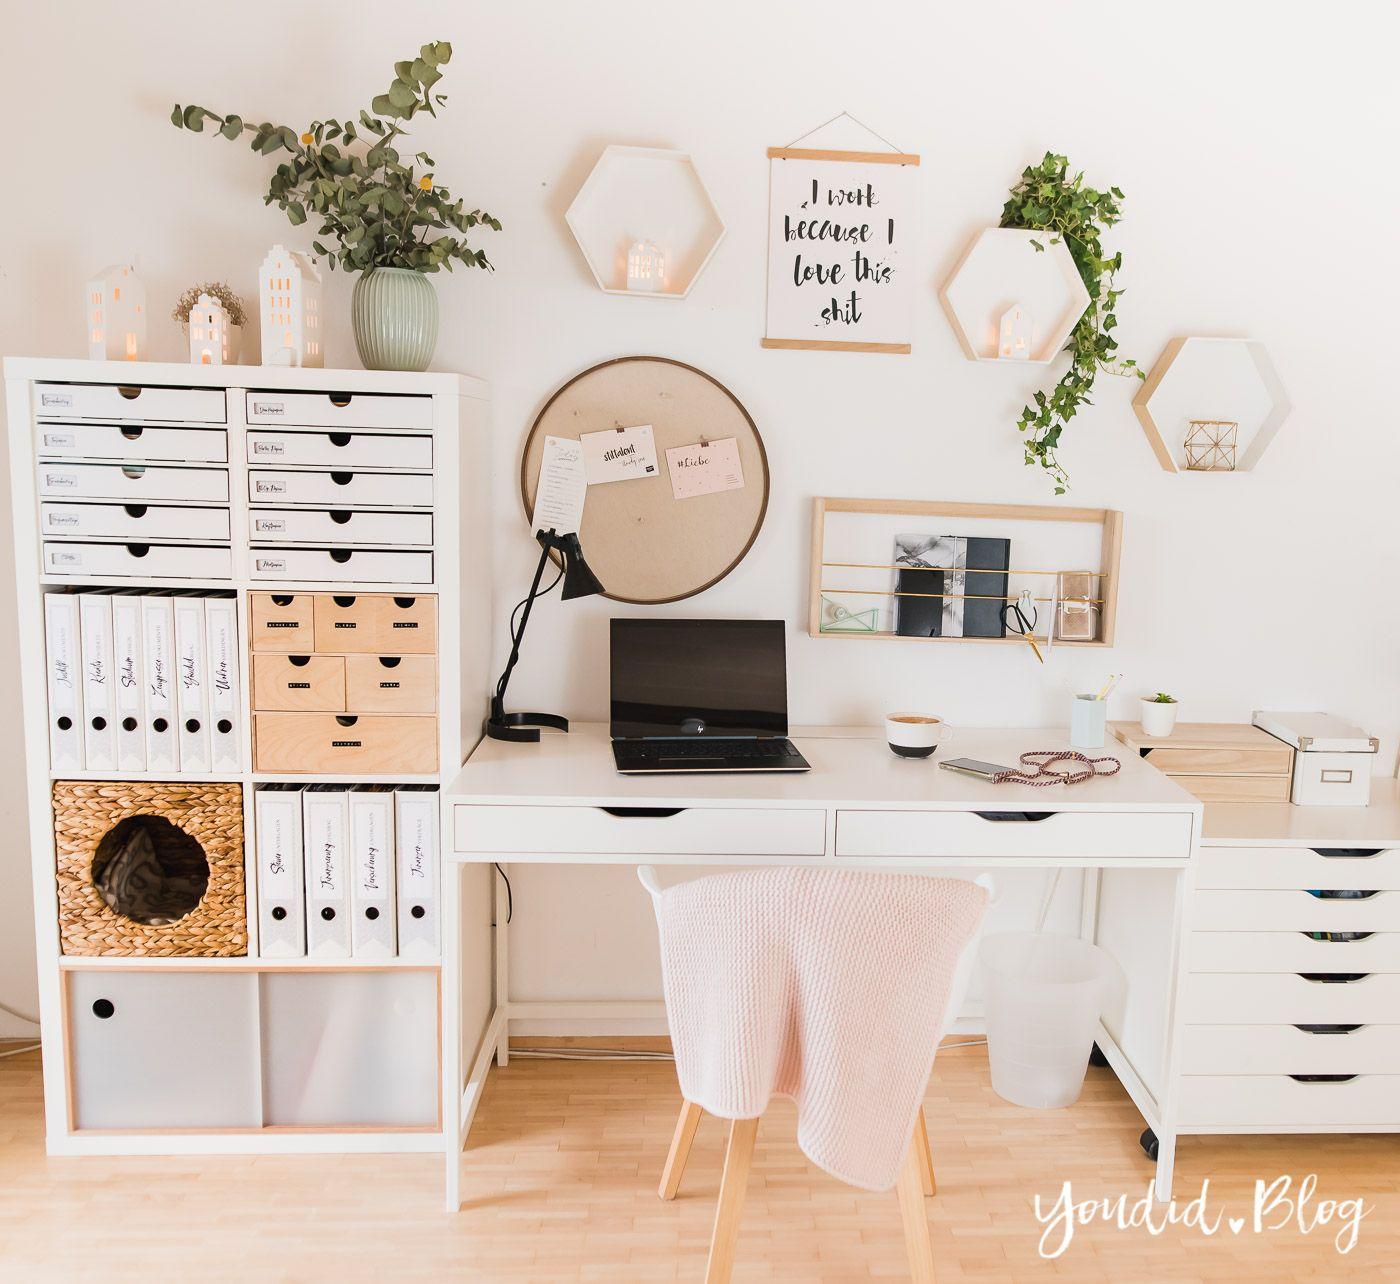 IKEA Hack - Pimp my Kallax mit New Swedish Design + kostenlose Ordnerrücken Vorlage zum Ausdrucken und Ordner beschriften - Youdid